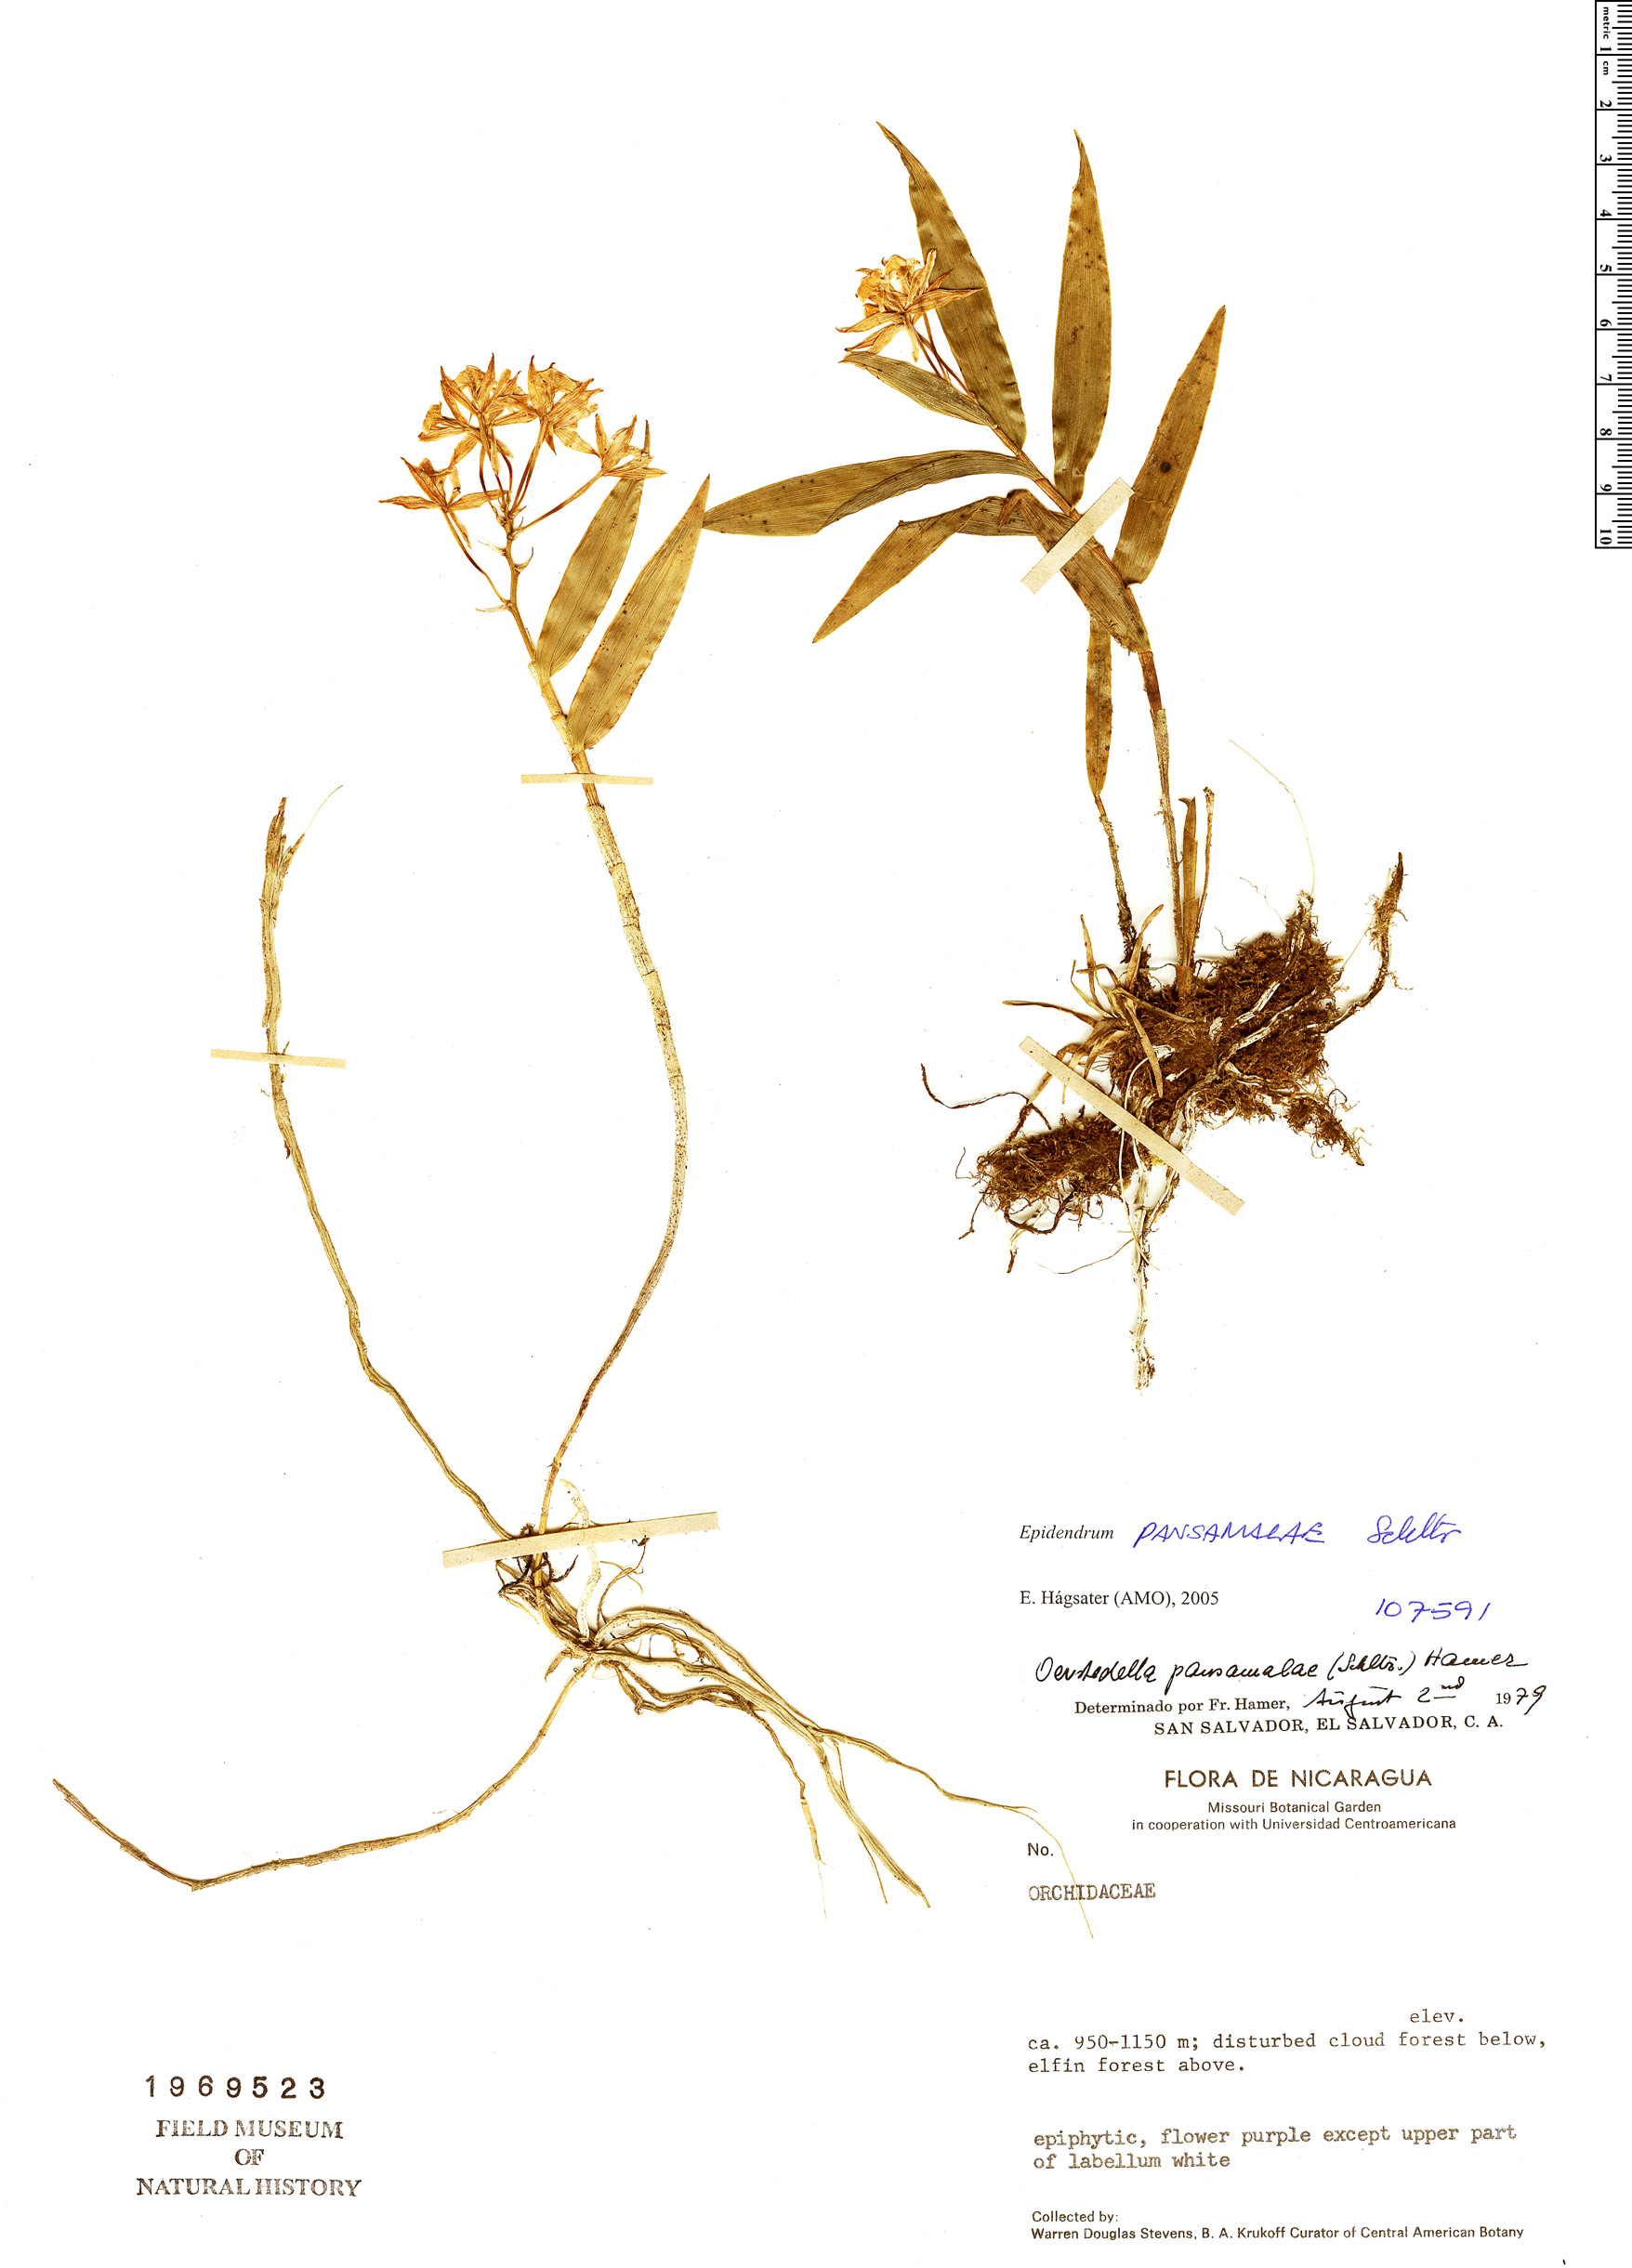 Specimen: Epidendrum pansamalae